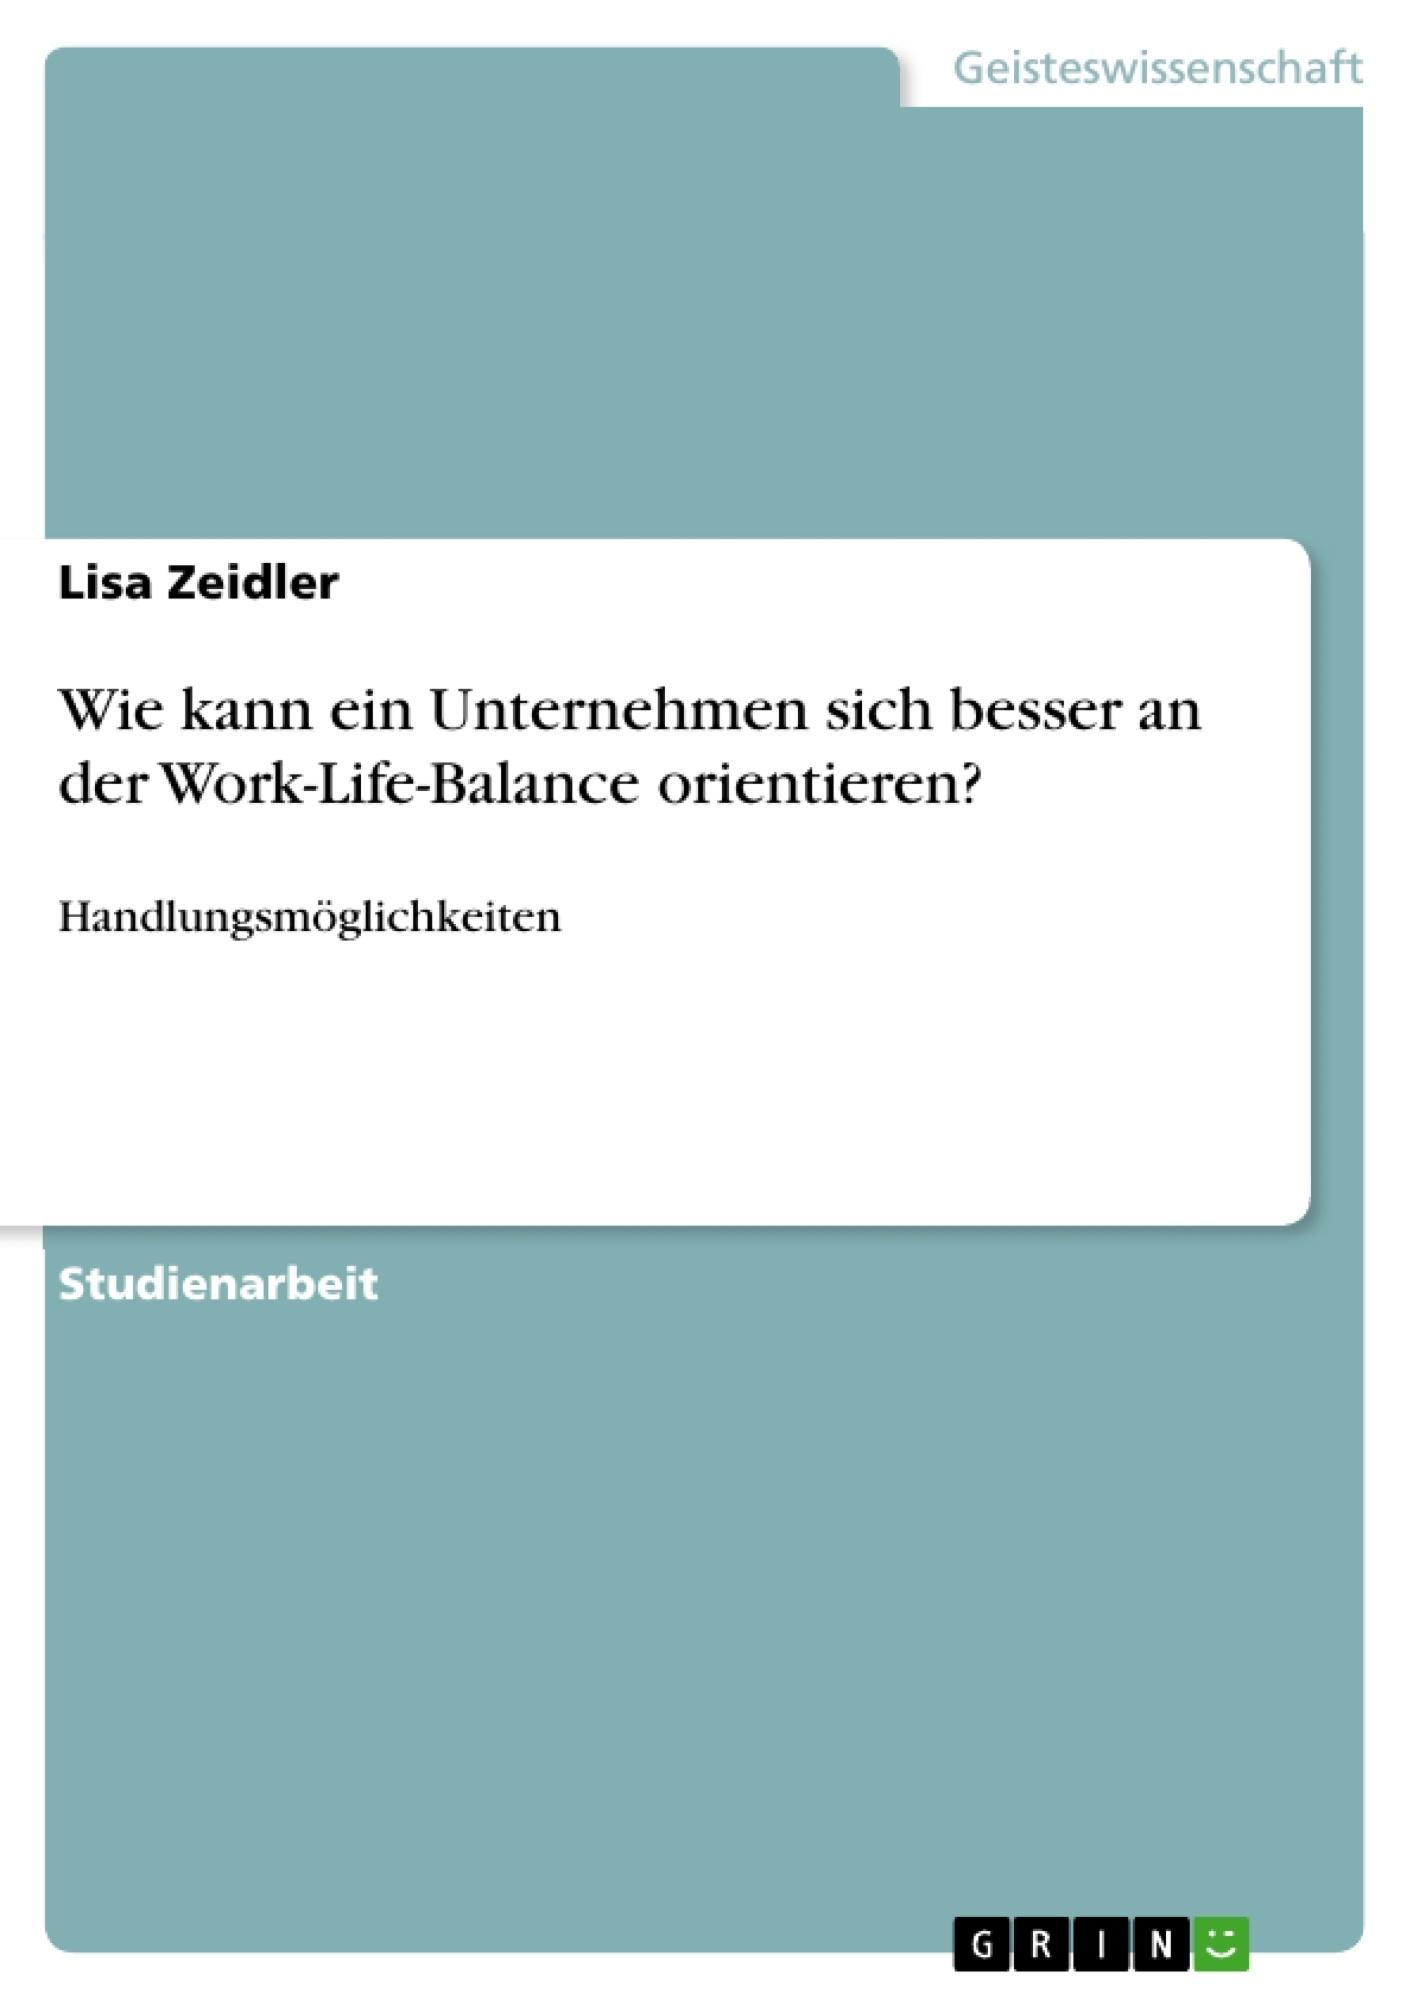 Titel: Wie kann ein Unternehmen sich besser an der Work-Life-Balance orientieren?